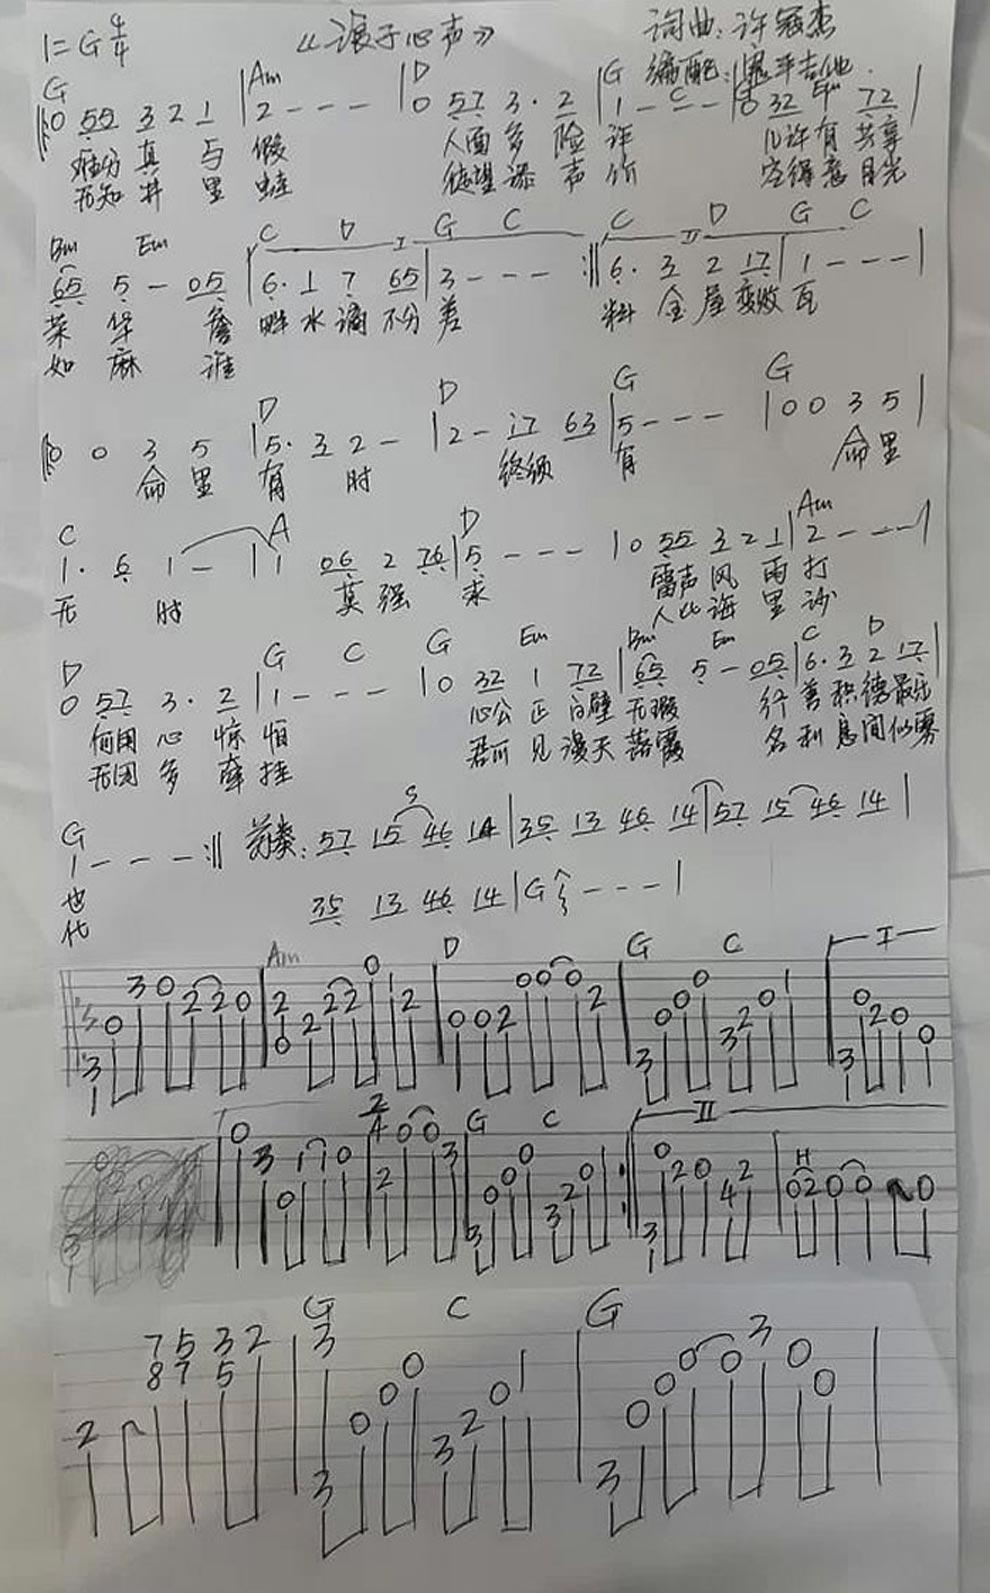 浪子心声 粤语歌曲调六线吉他谱-虫虫吉他谱免费下载